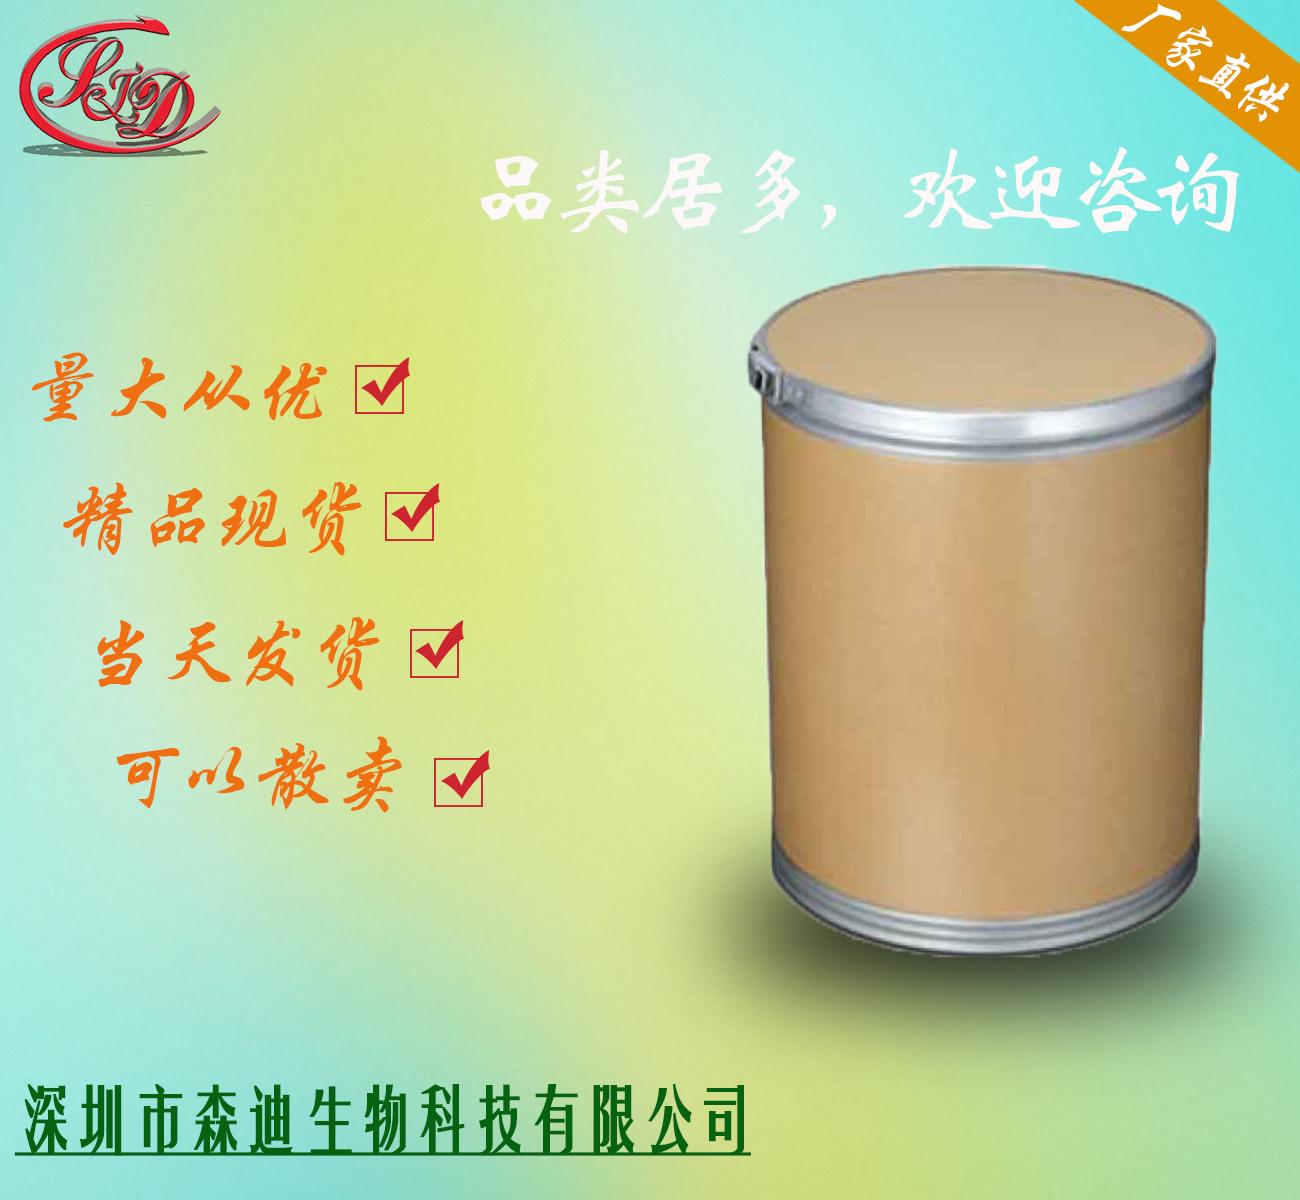 江苏γ-环糊精原料厂家/生产厂家/厂家现货直销/厂家报价